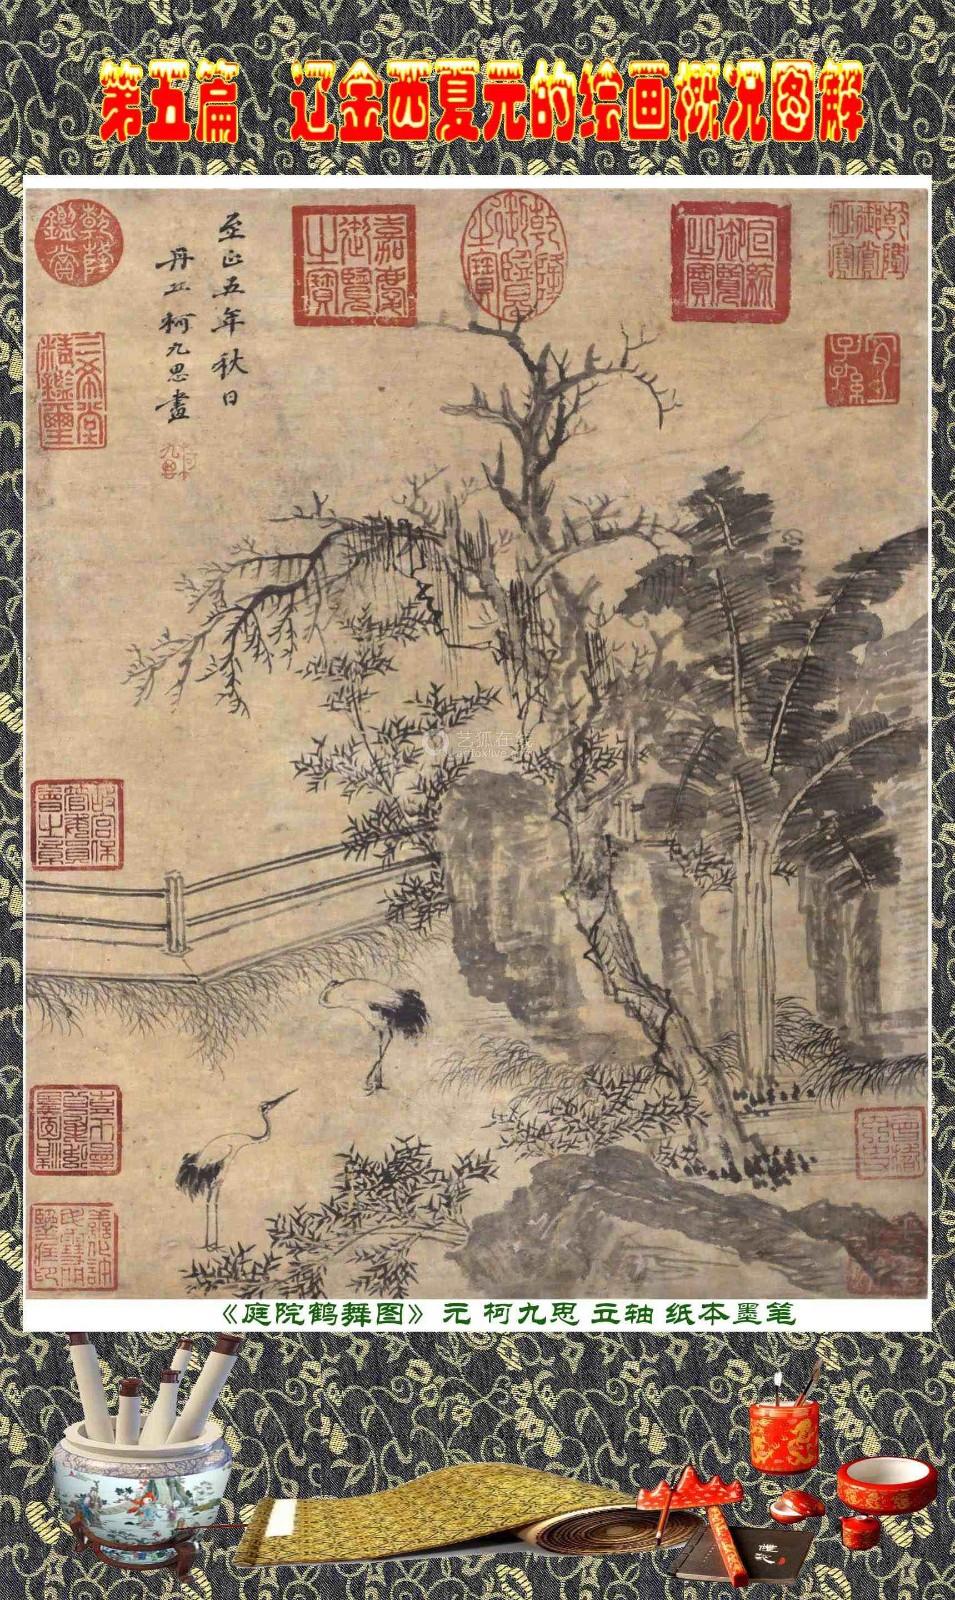 素有诗、书、画三绝之称的柯久思_图1-6